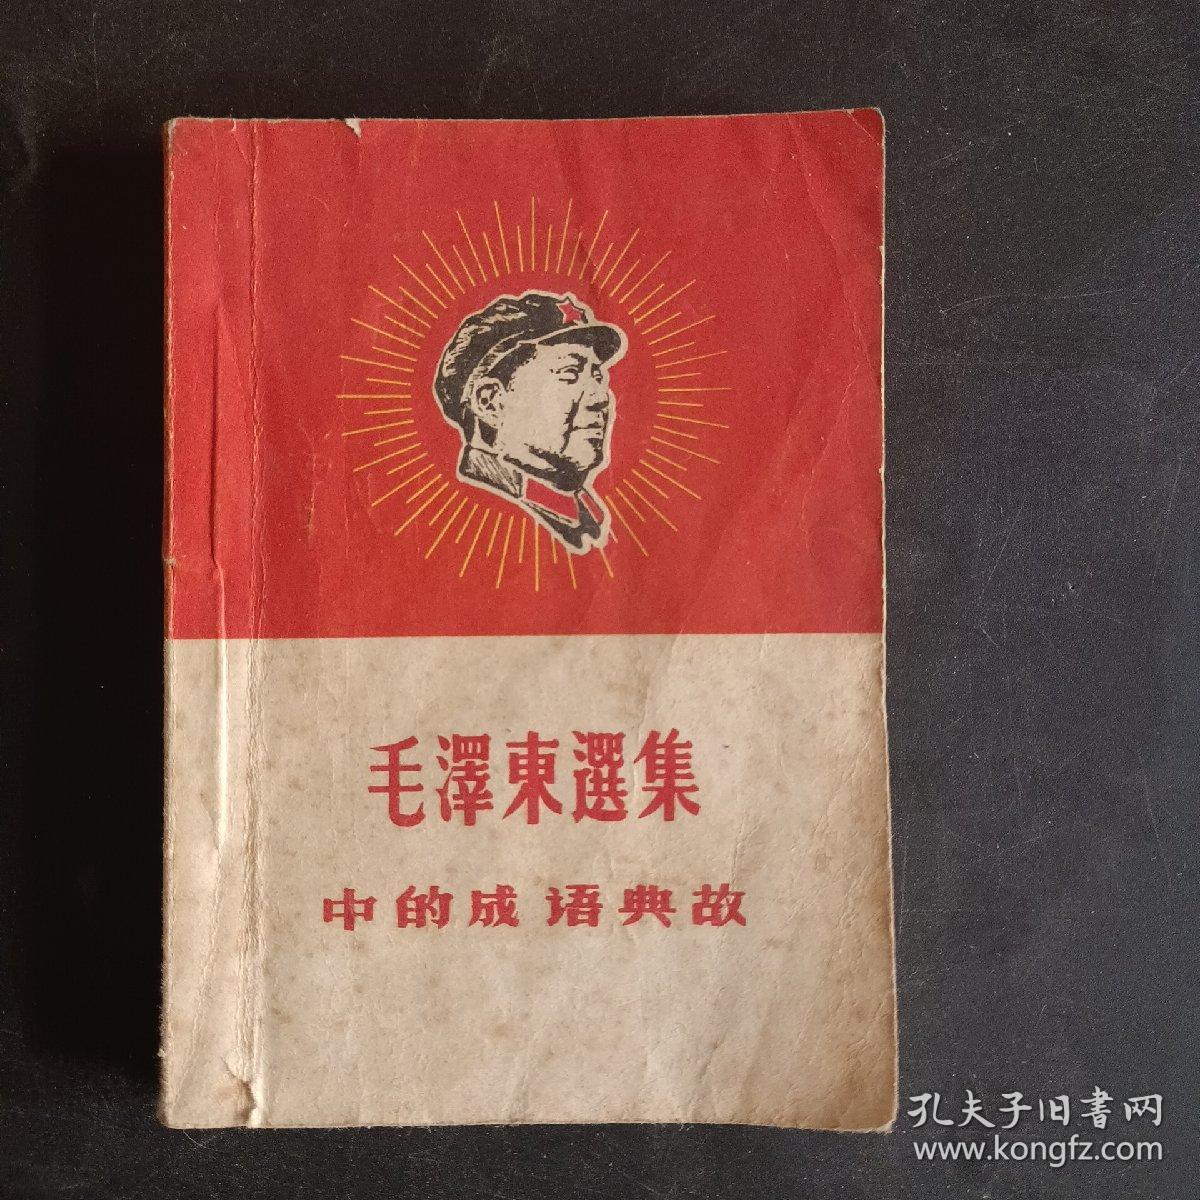 毛泽东选集中的成语典故